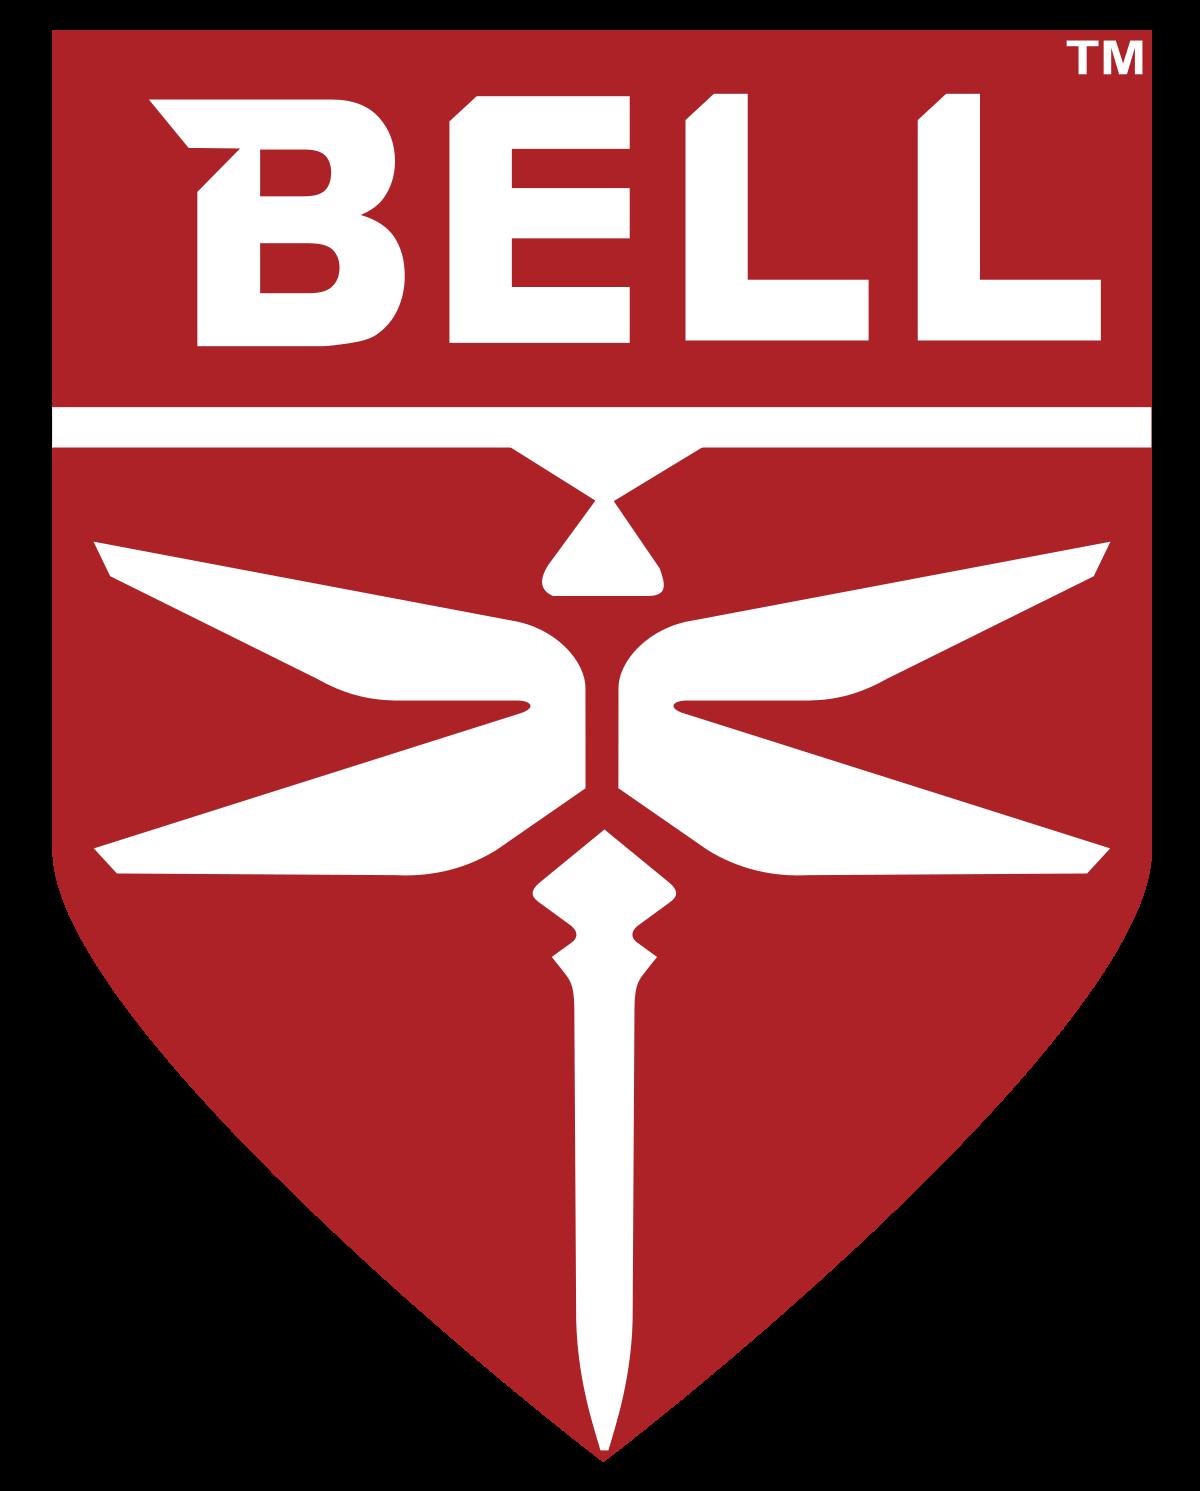 Bell Flight Textron